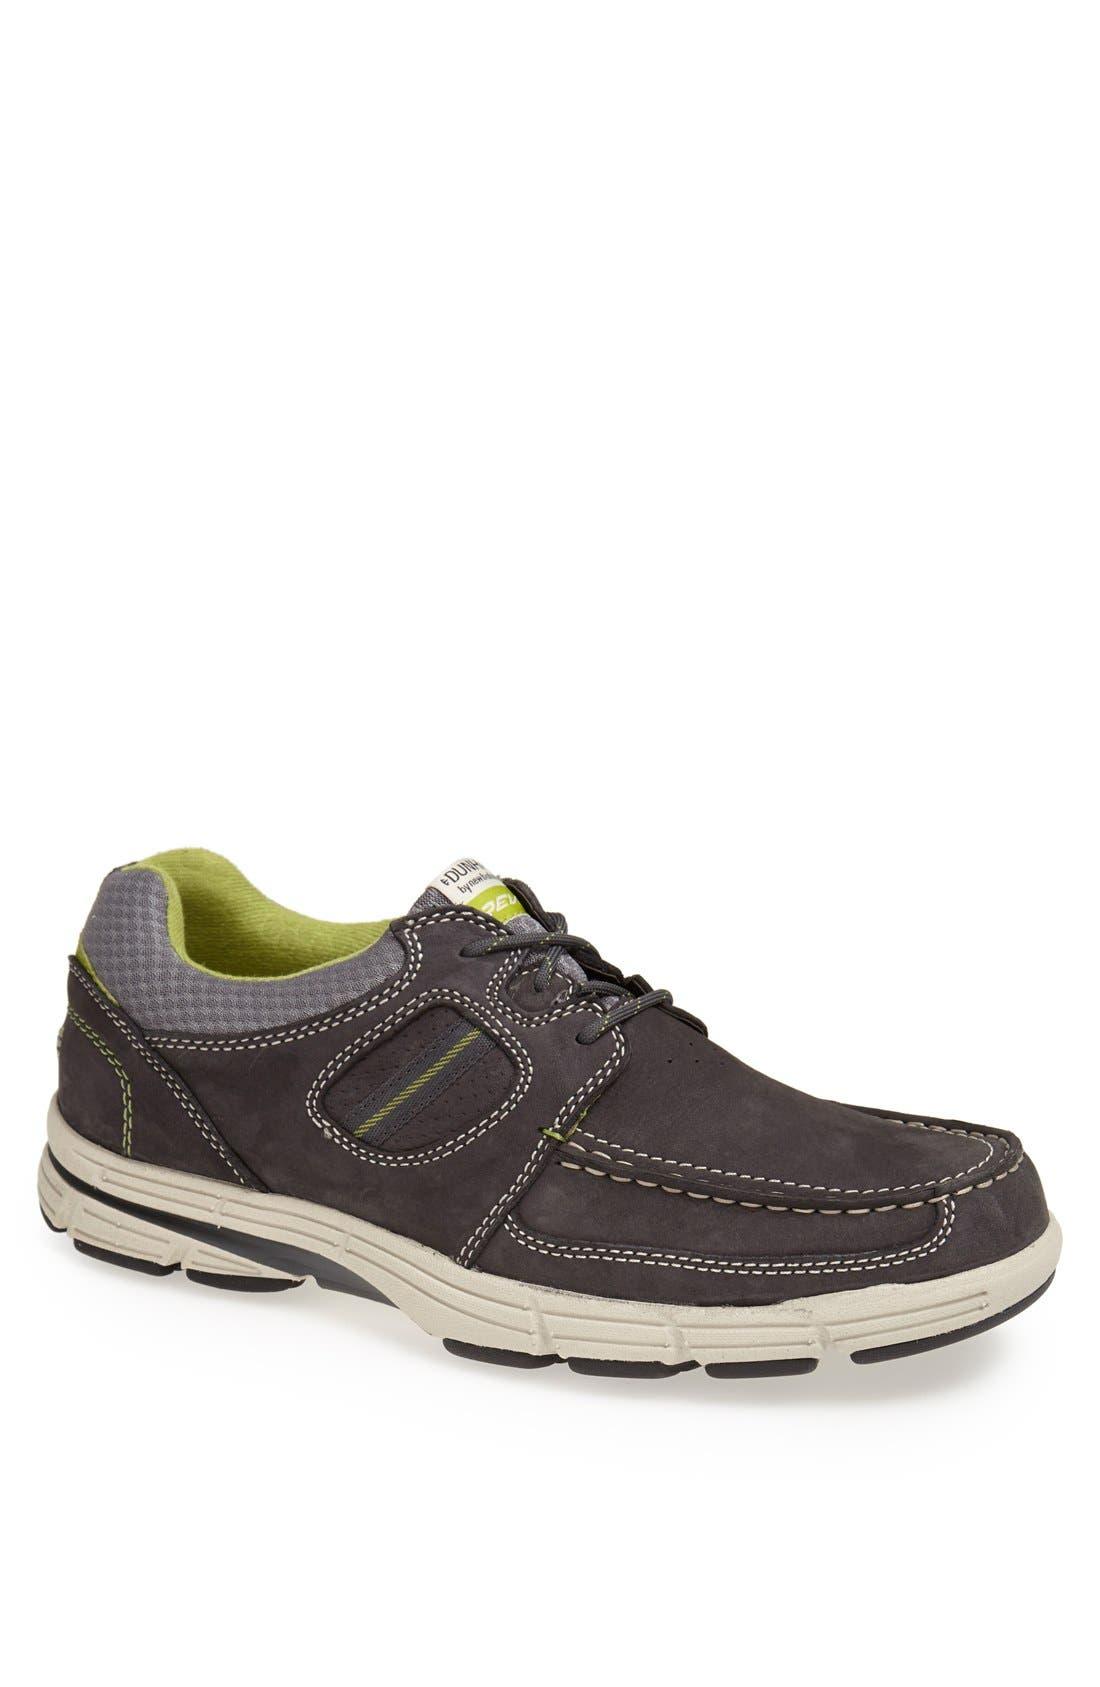 Dunham 'REVSly' Sneaker